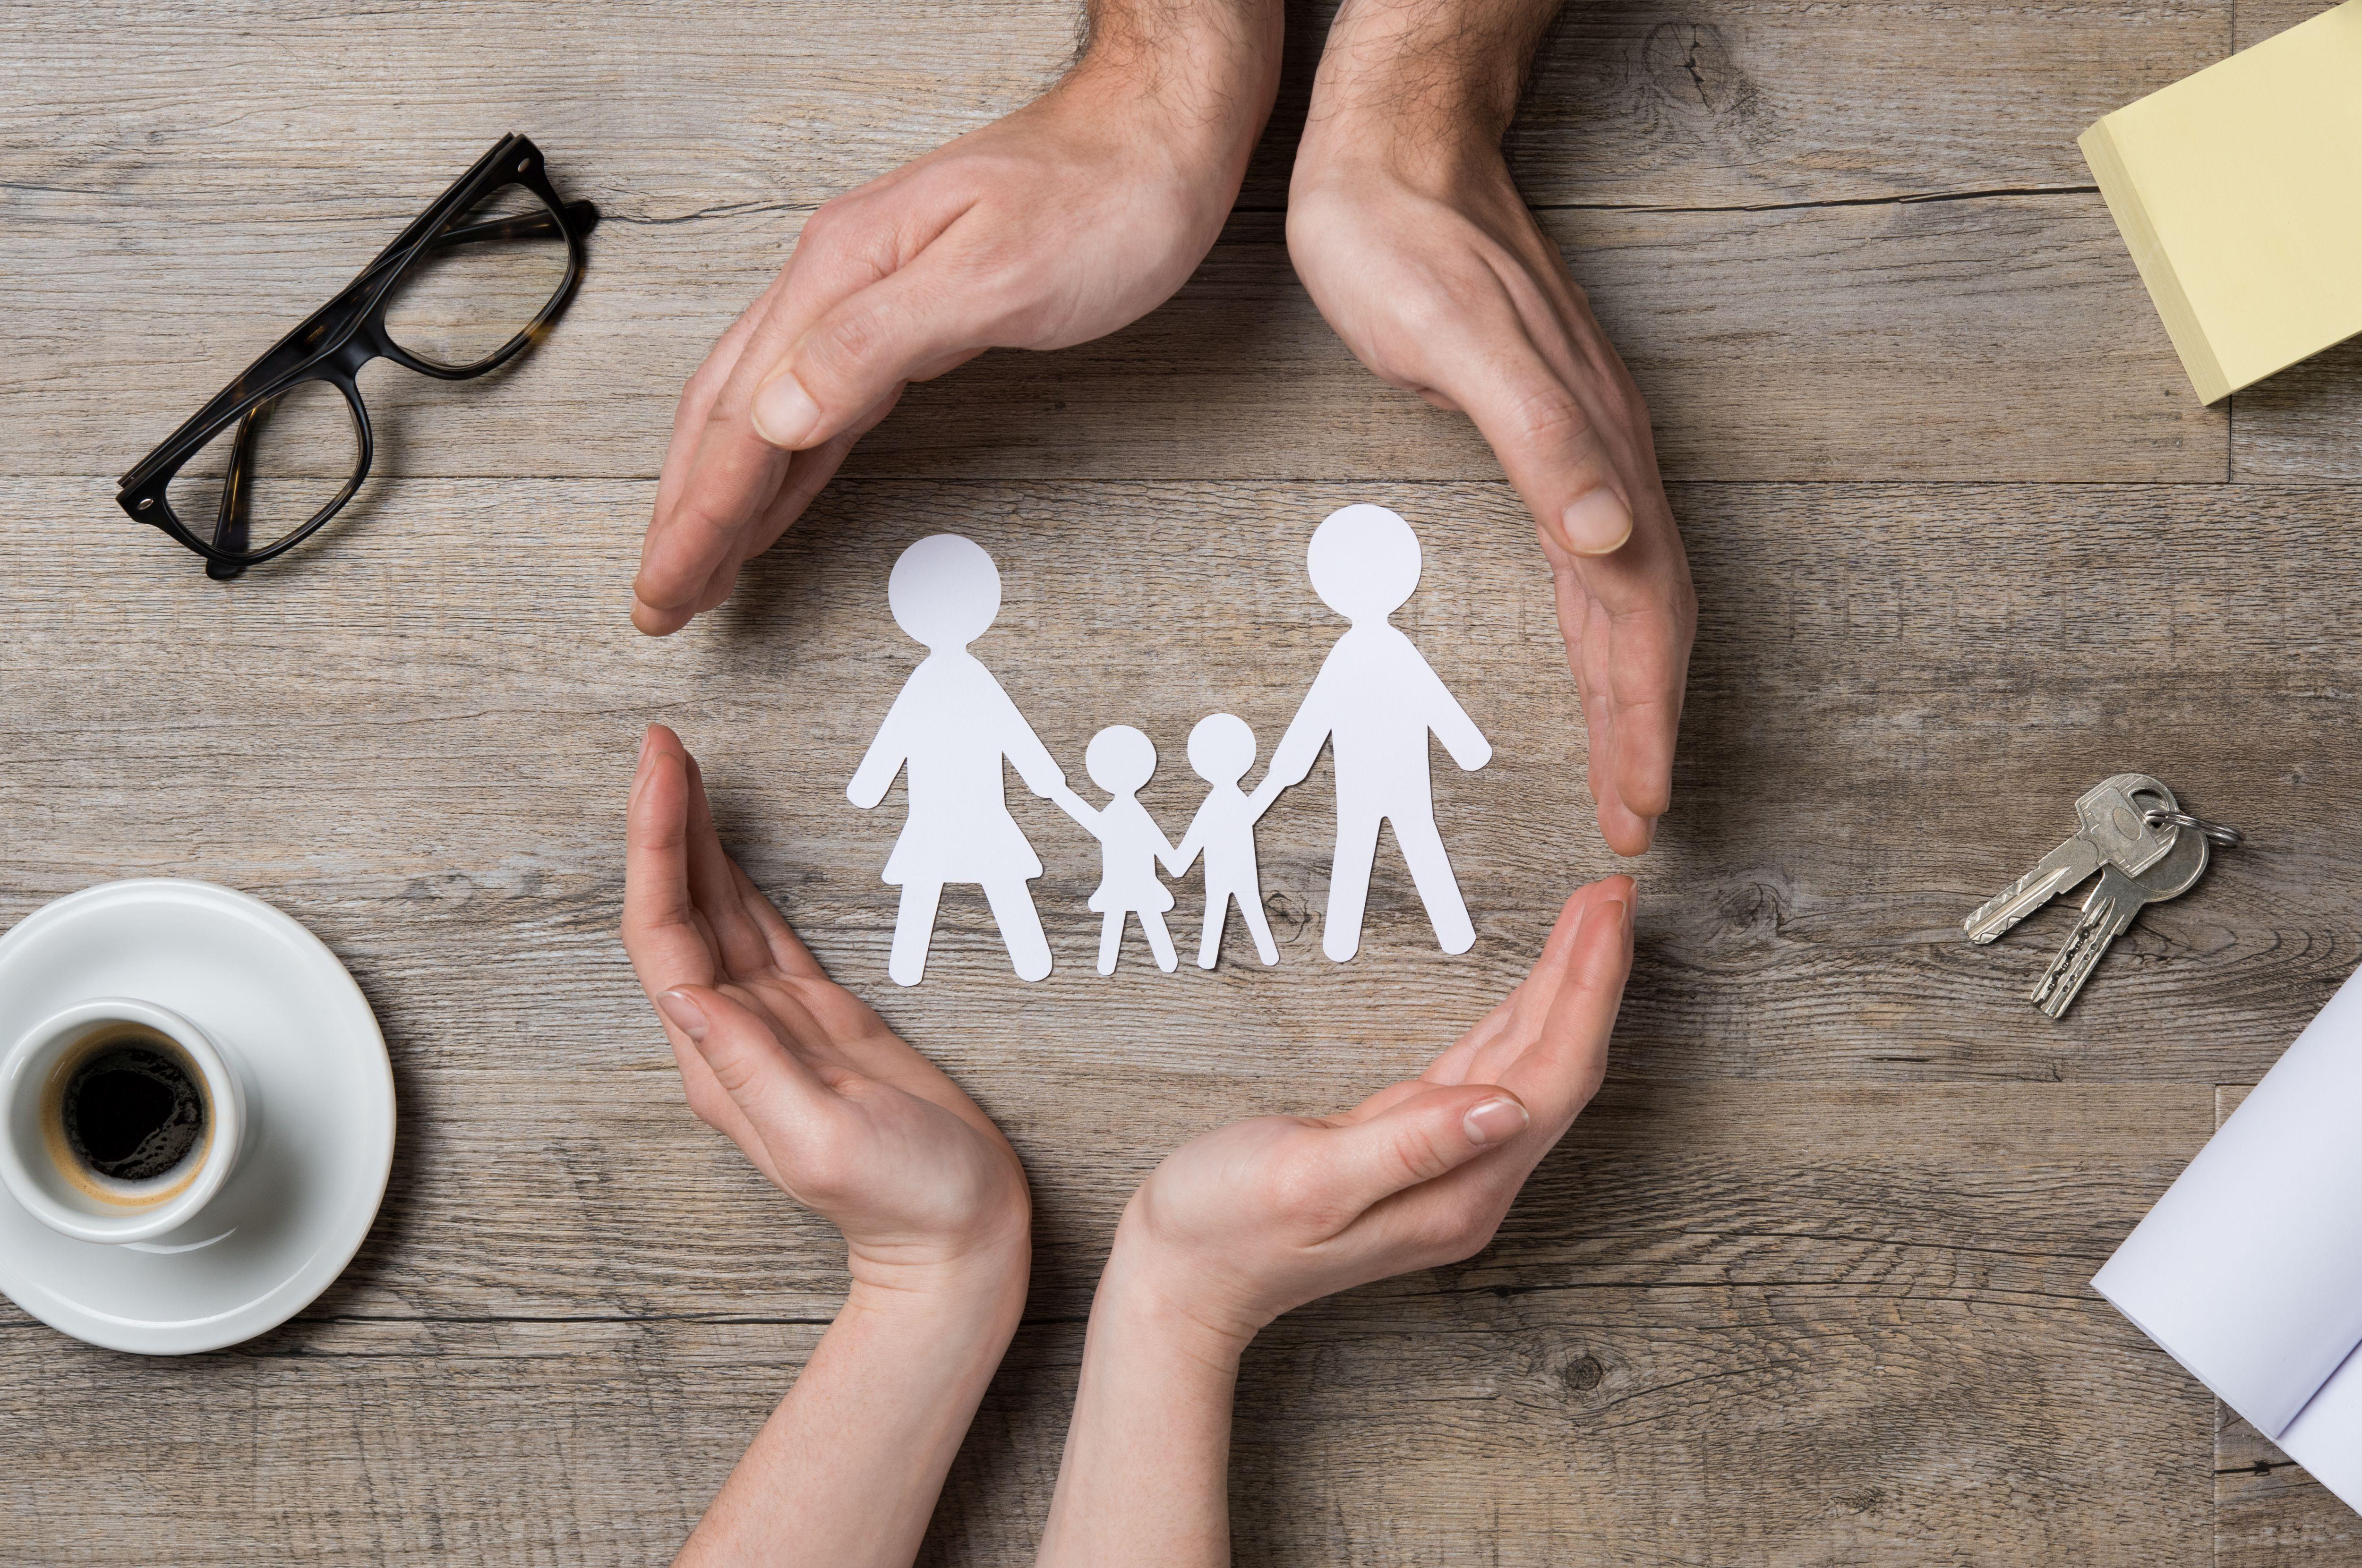 Papierfamilie umschlossen von Erwachsenen- und Kinderhänden